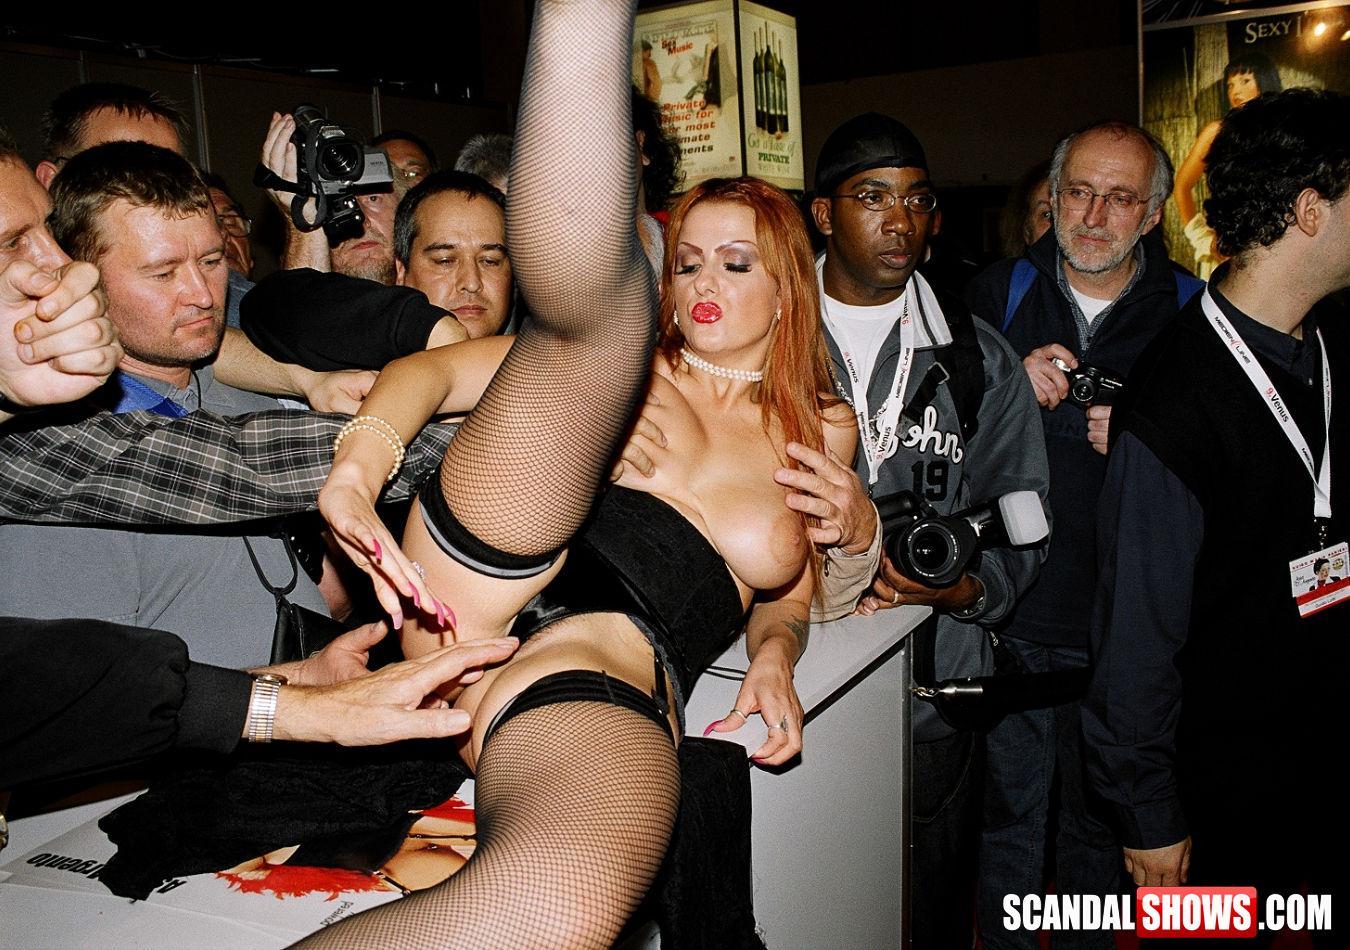 Секс На Концерте Публичный